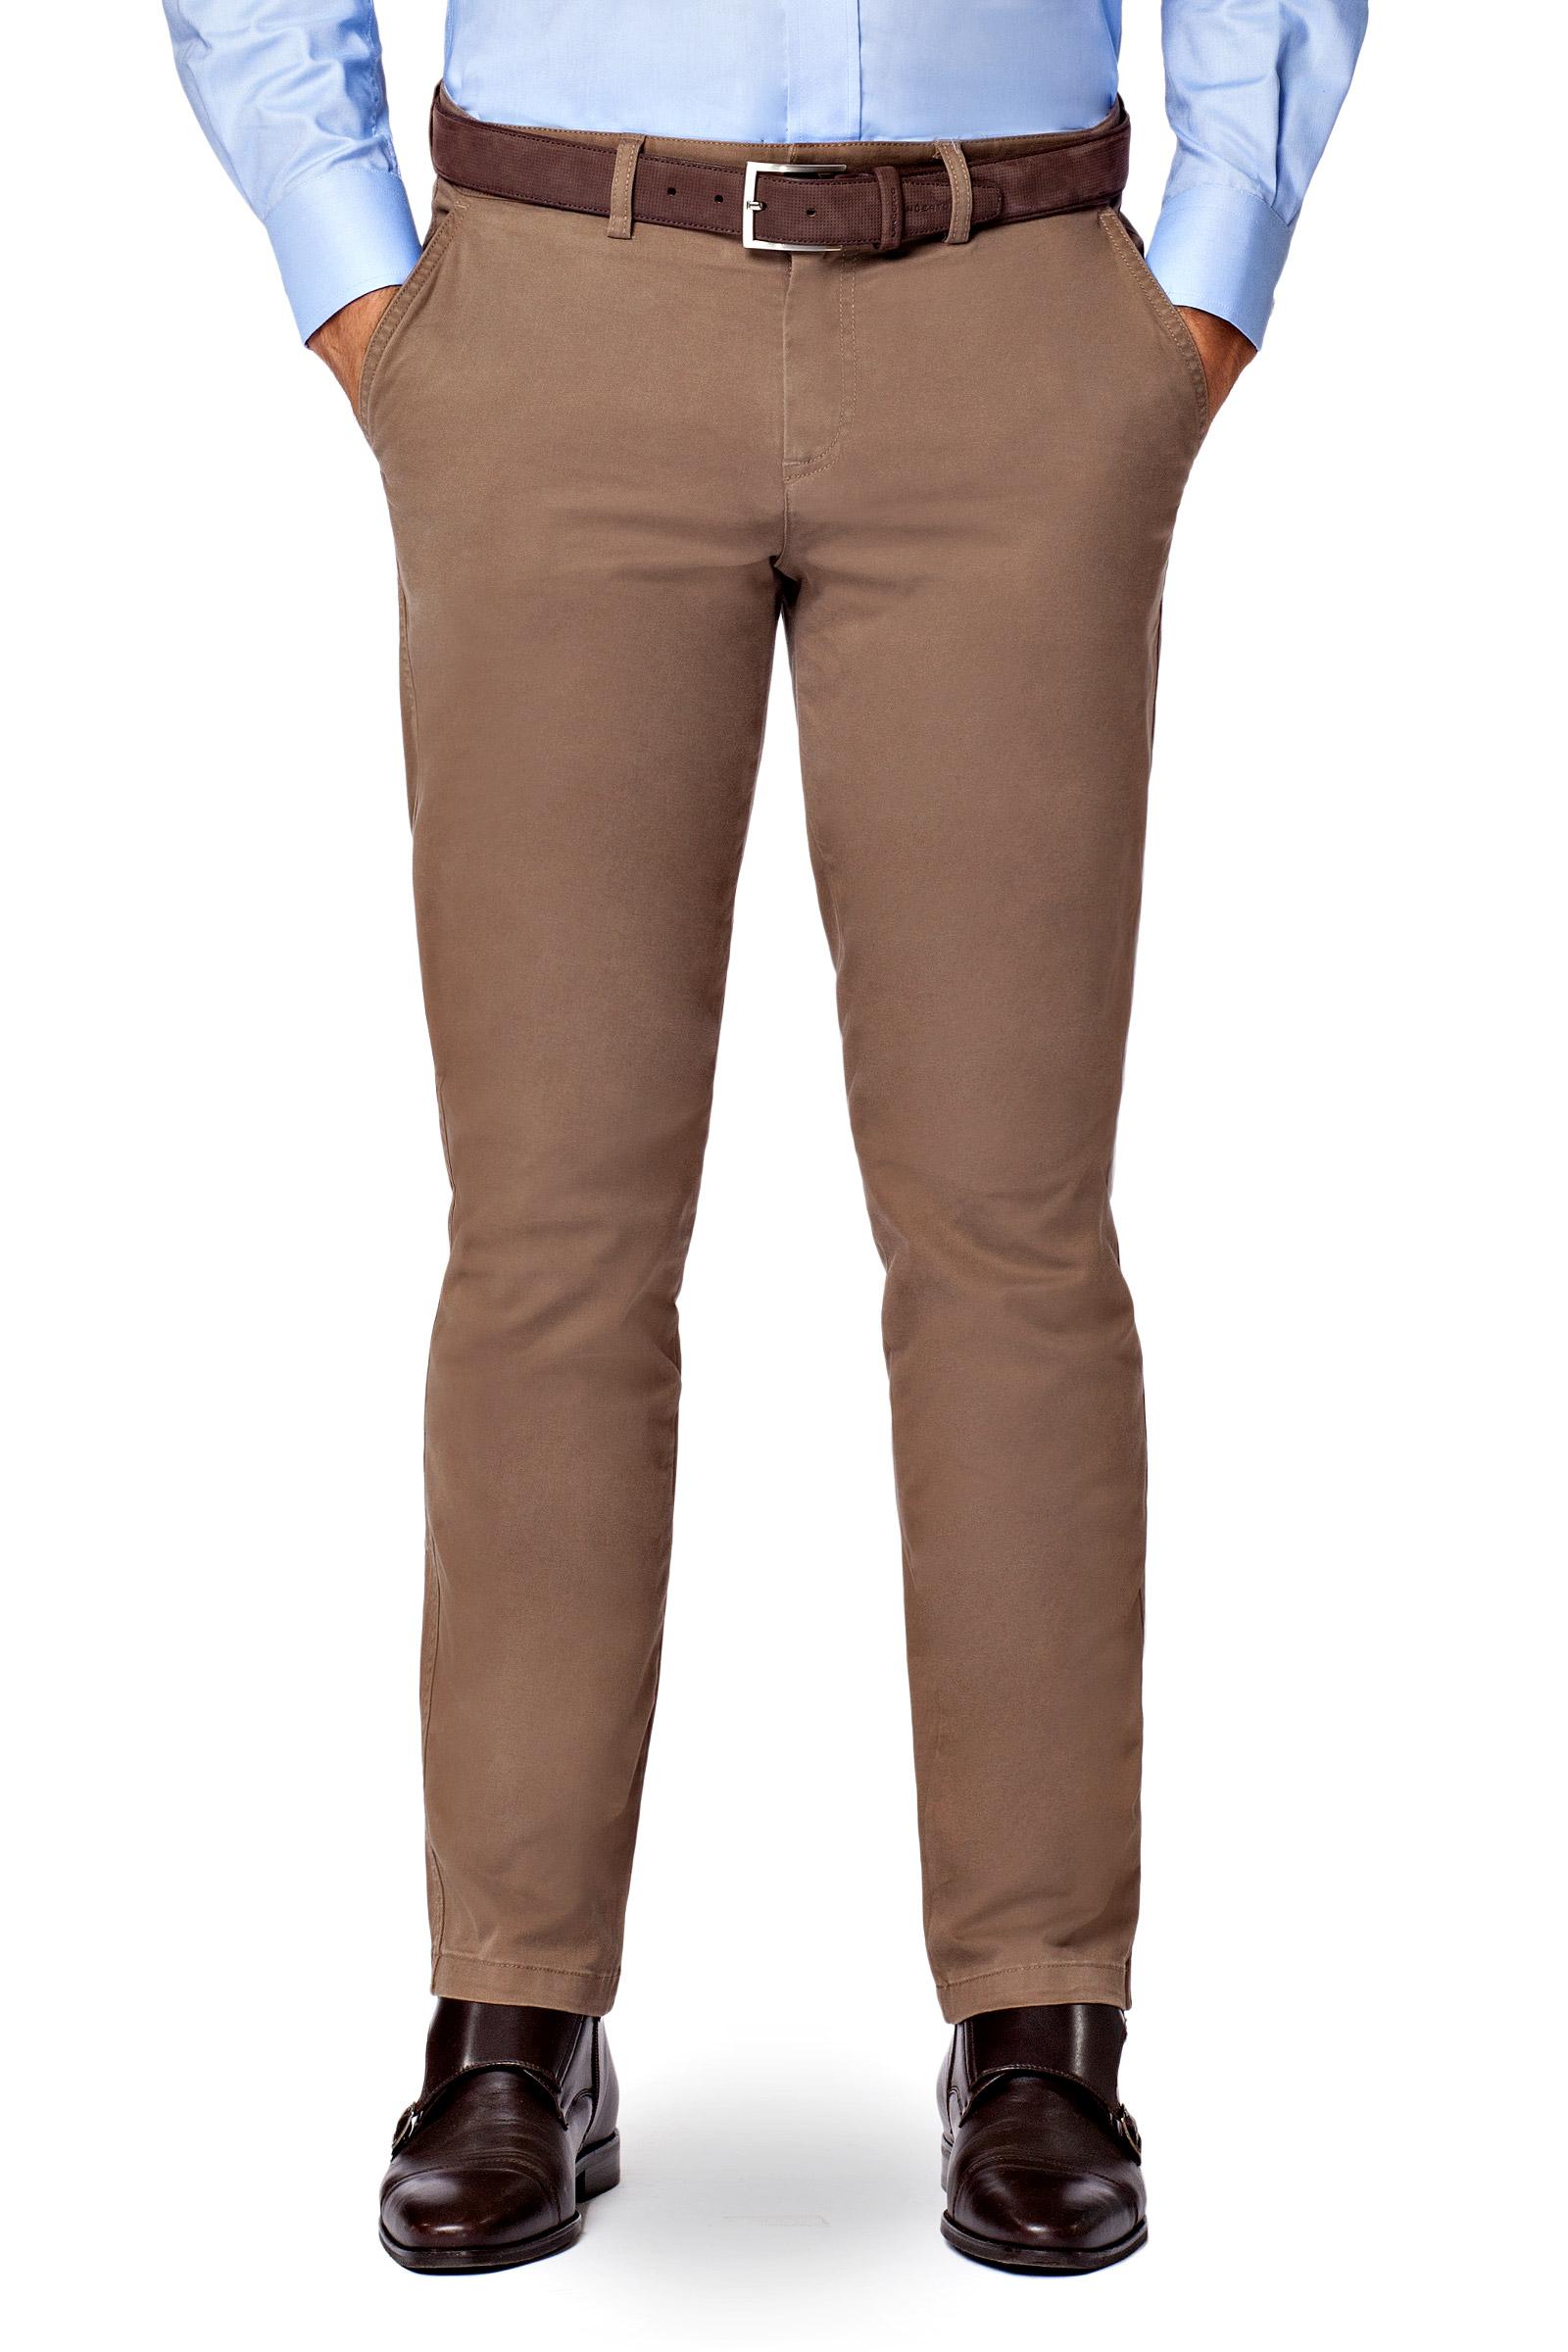 9ff1a3f4 Spodnie Męskie Lancerto Chino Mono Beż 182/86 - 6994746047 ...